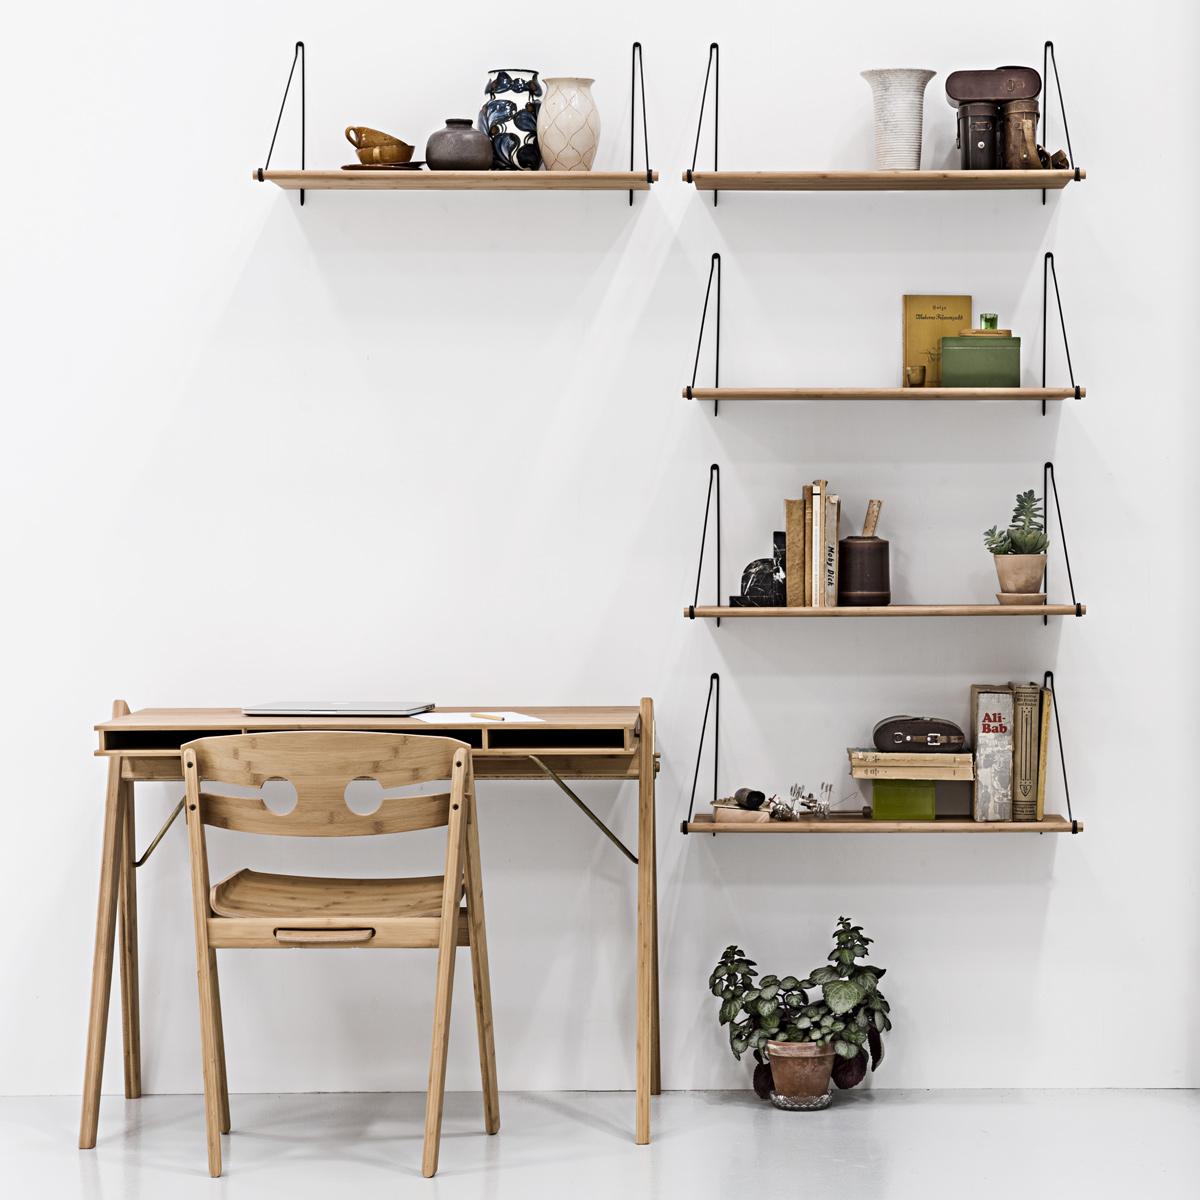 halterung fr regale good elegant excellent glasregal full size of regal glas interessant. Black Bedroom Furniture Sets. Home Design Ideas